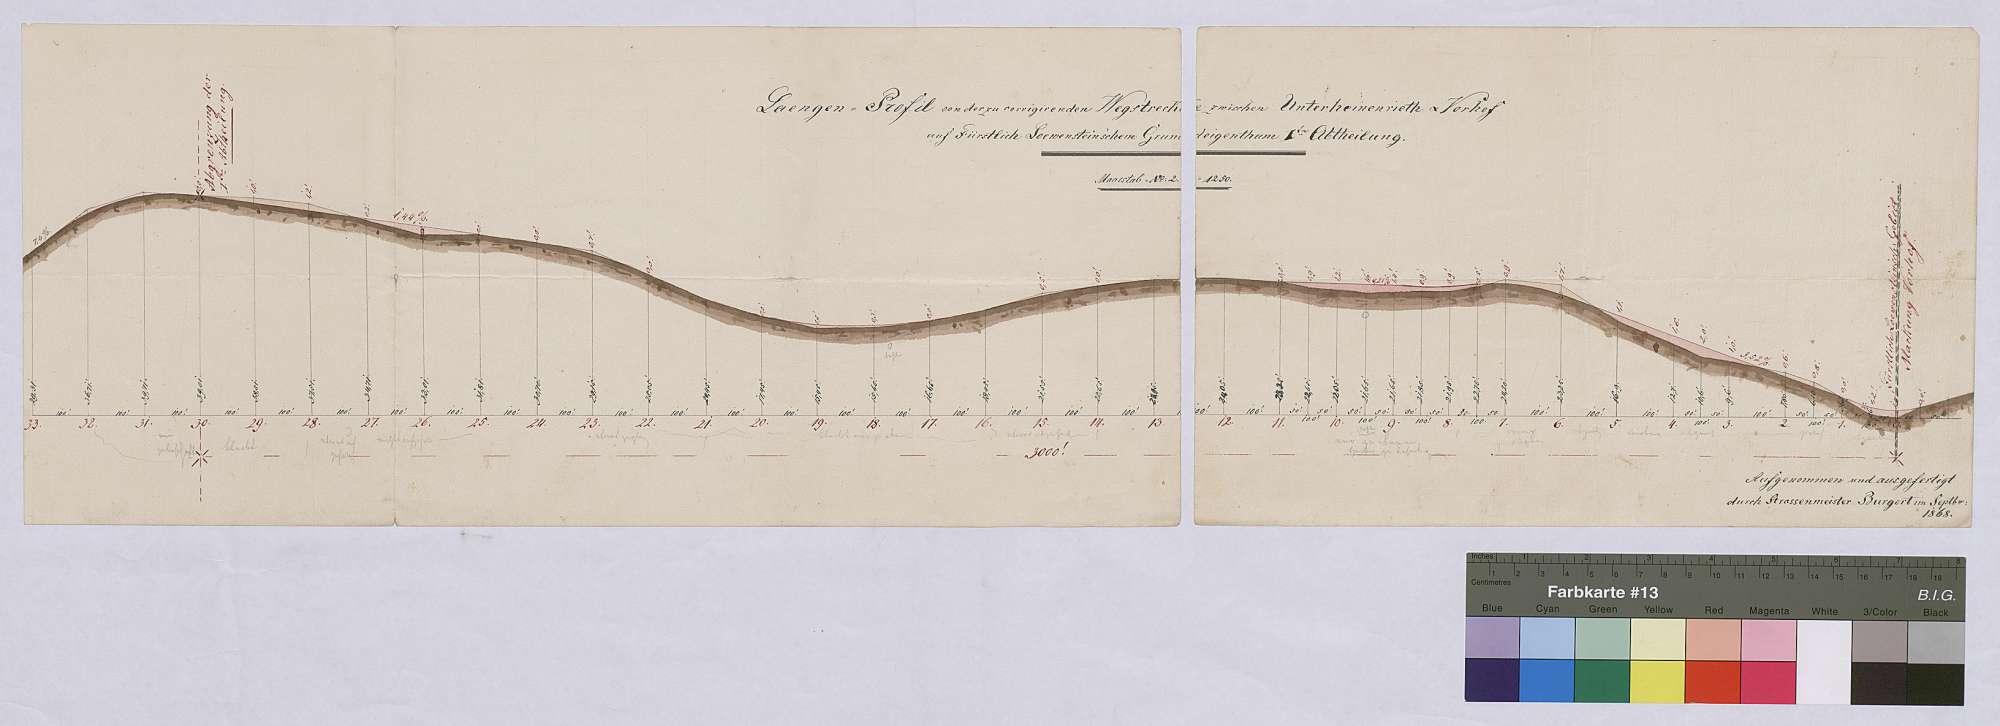 Korrektion der Wegstrecke zwischen Unterheinrieth und Vorhof auf löwensteinischem Grundeigentum, Bild 1